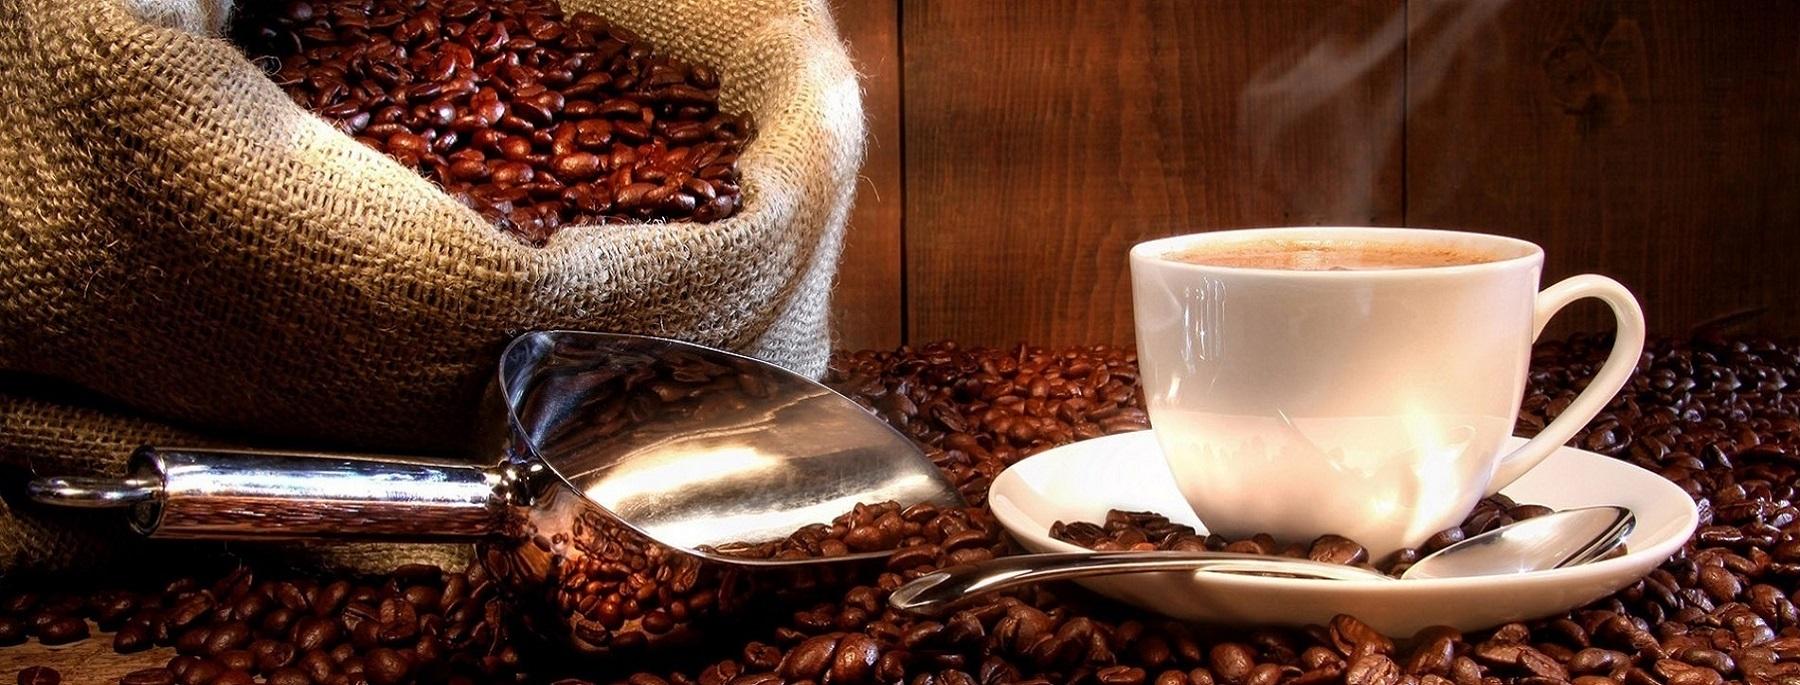 coffee banner Best Drip Coffee Maker Under